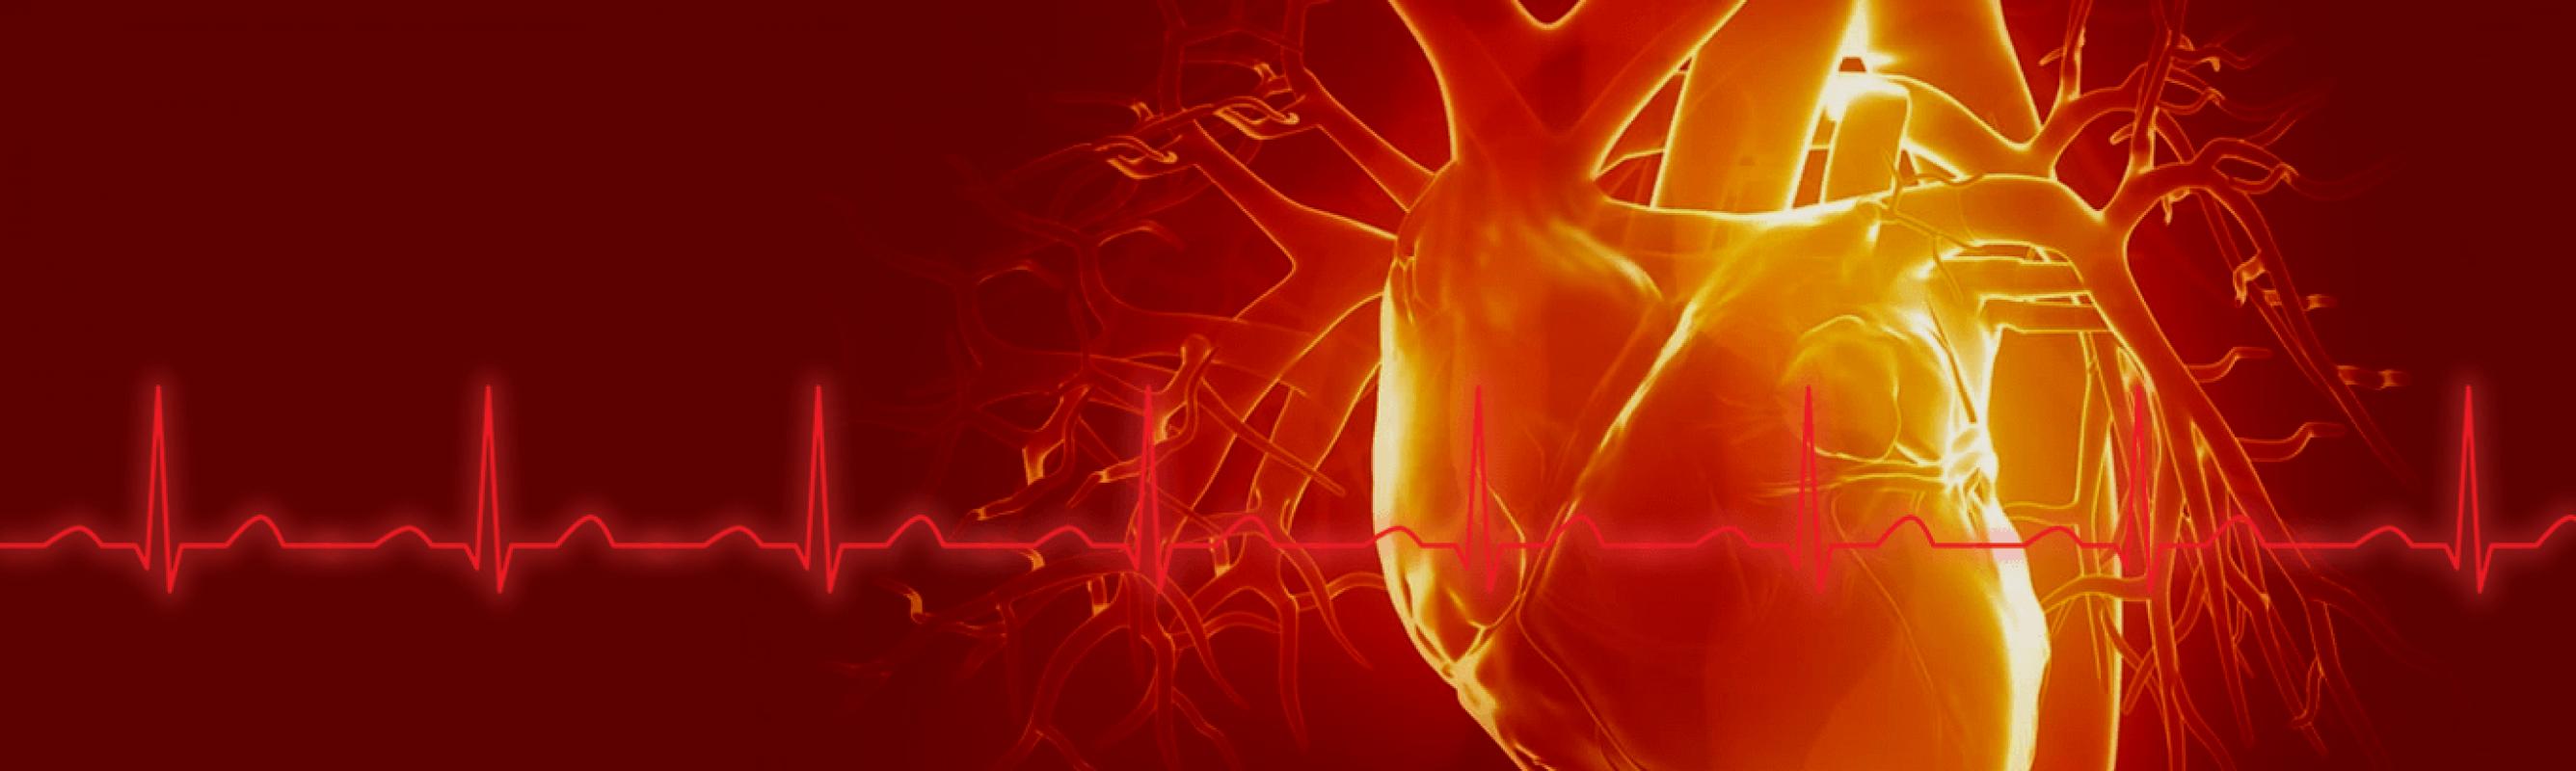 Viron suurin sydänleikkauksiin ja invasiiviseen sydänkirurgiaan erikoistunut sydänkeskus